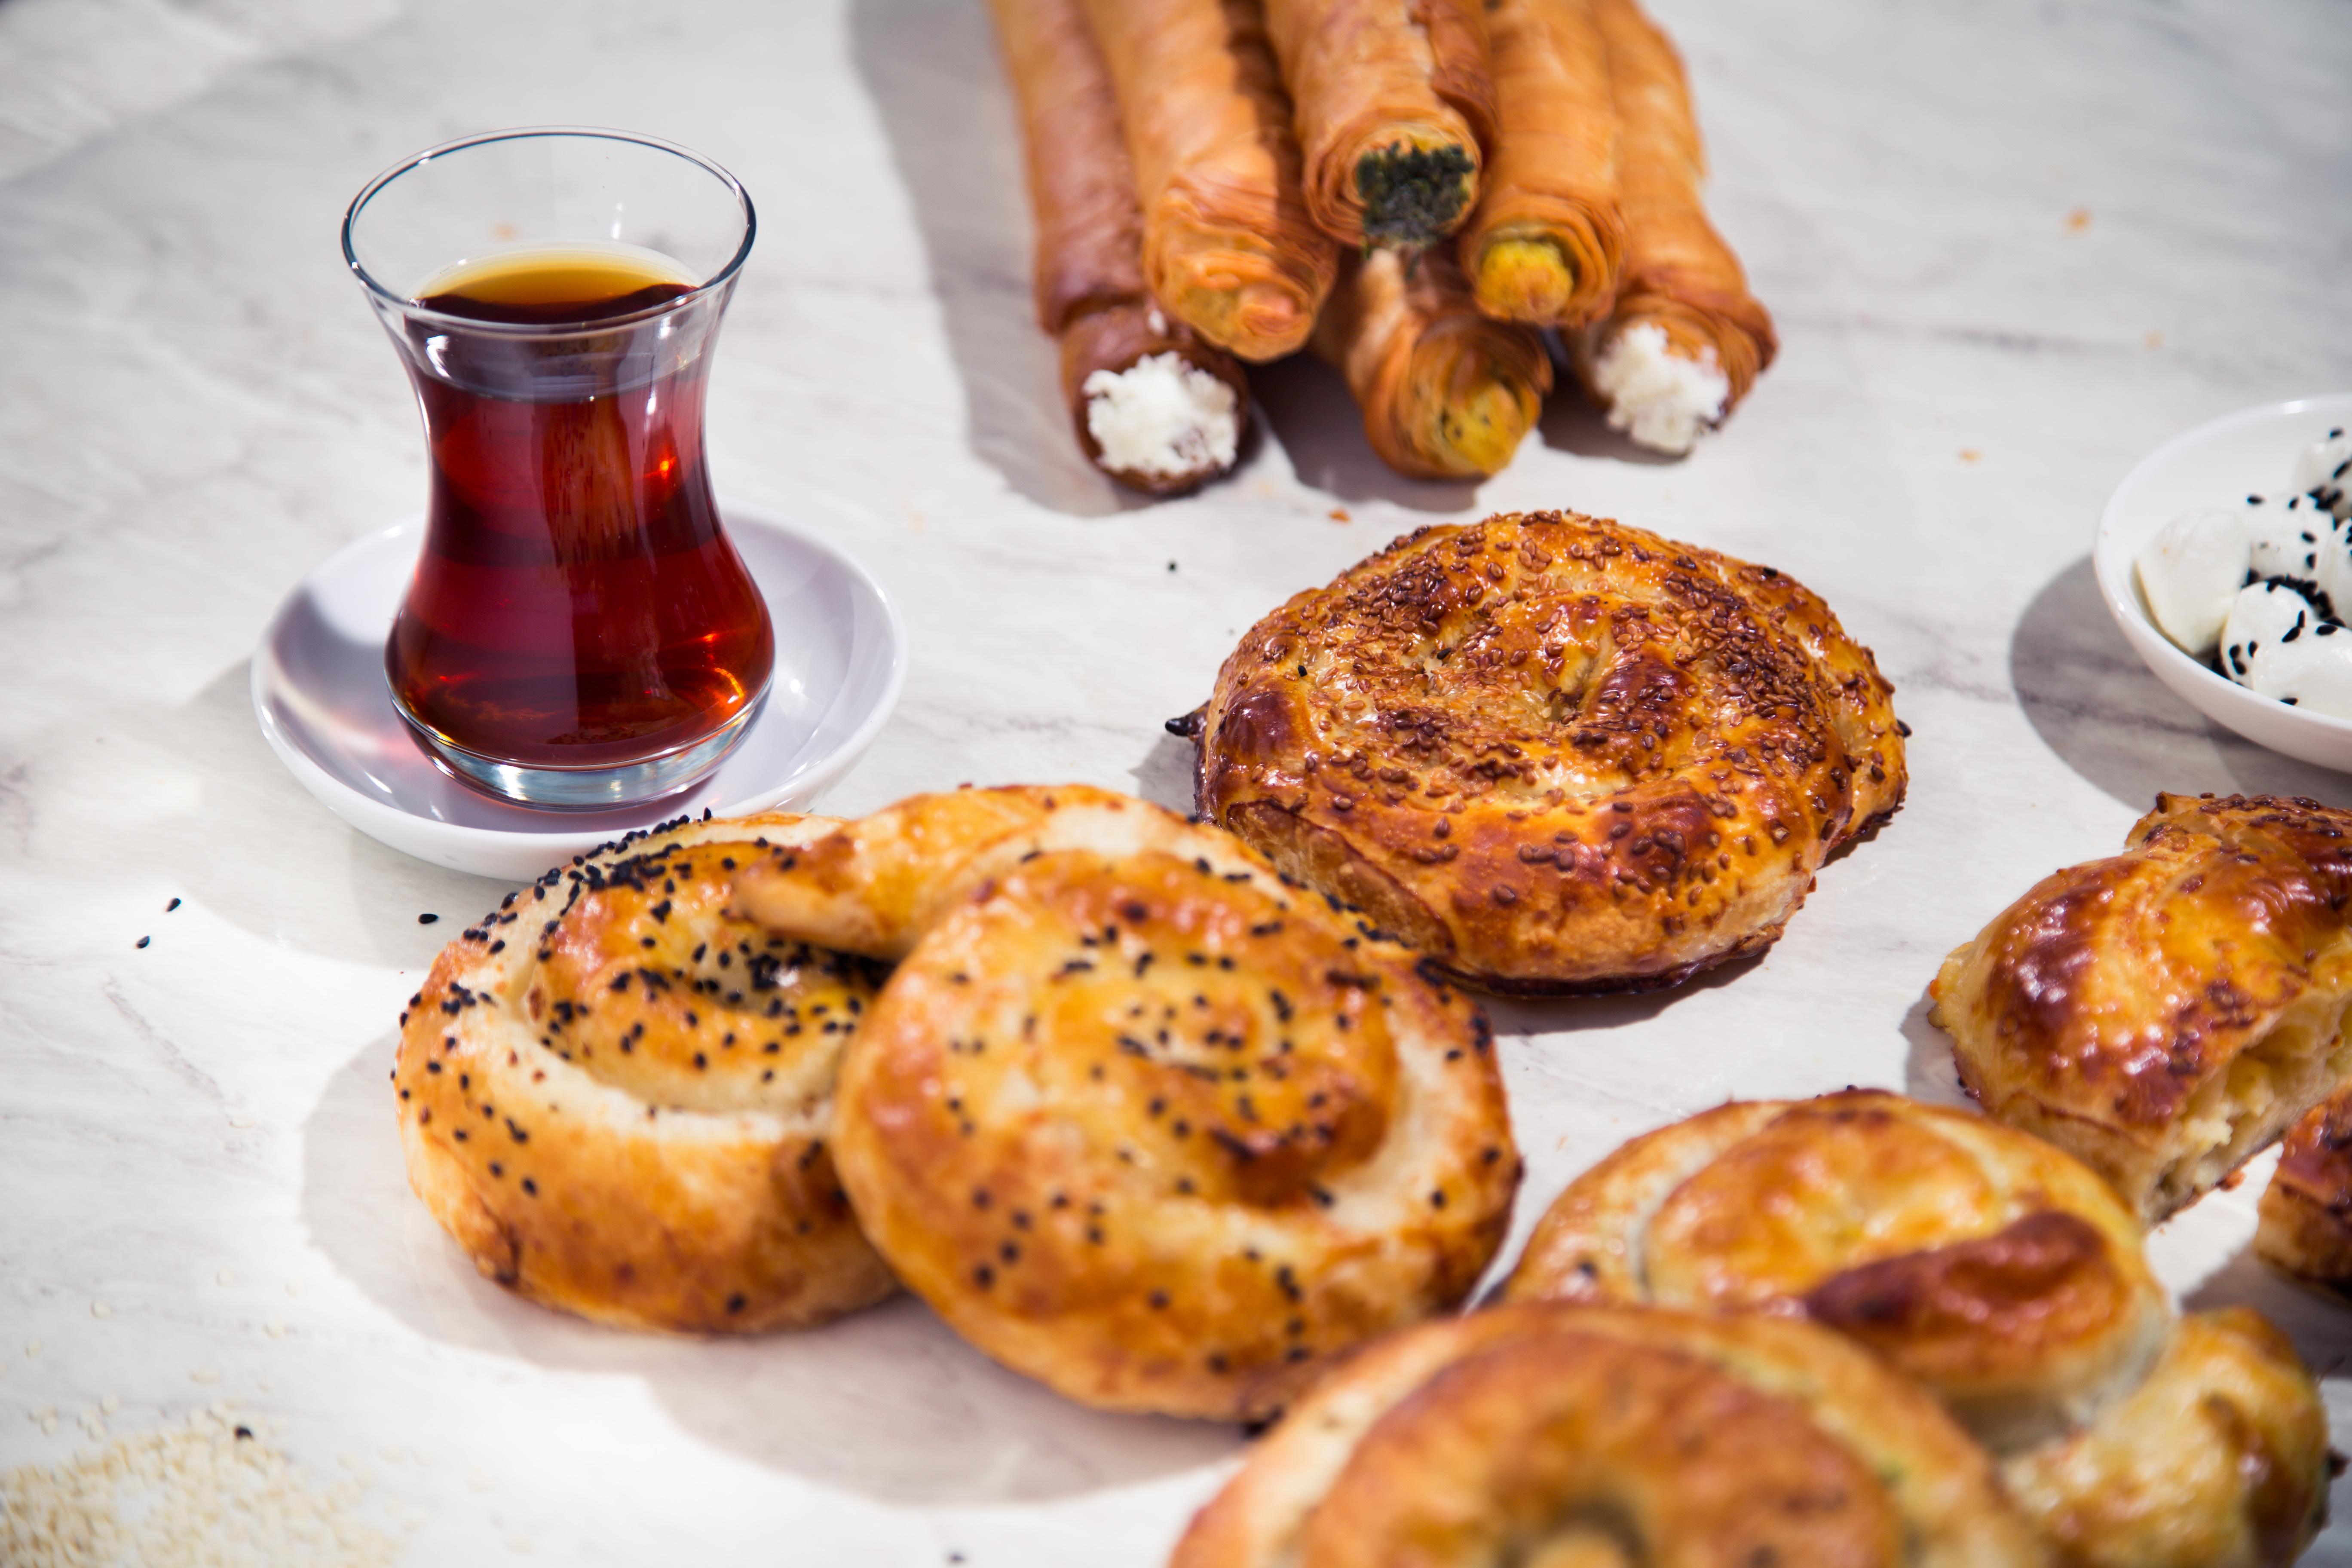 Pastry/Borek